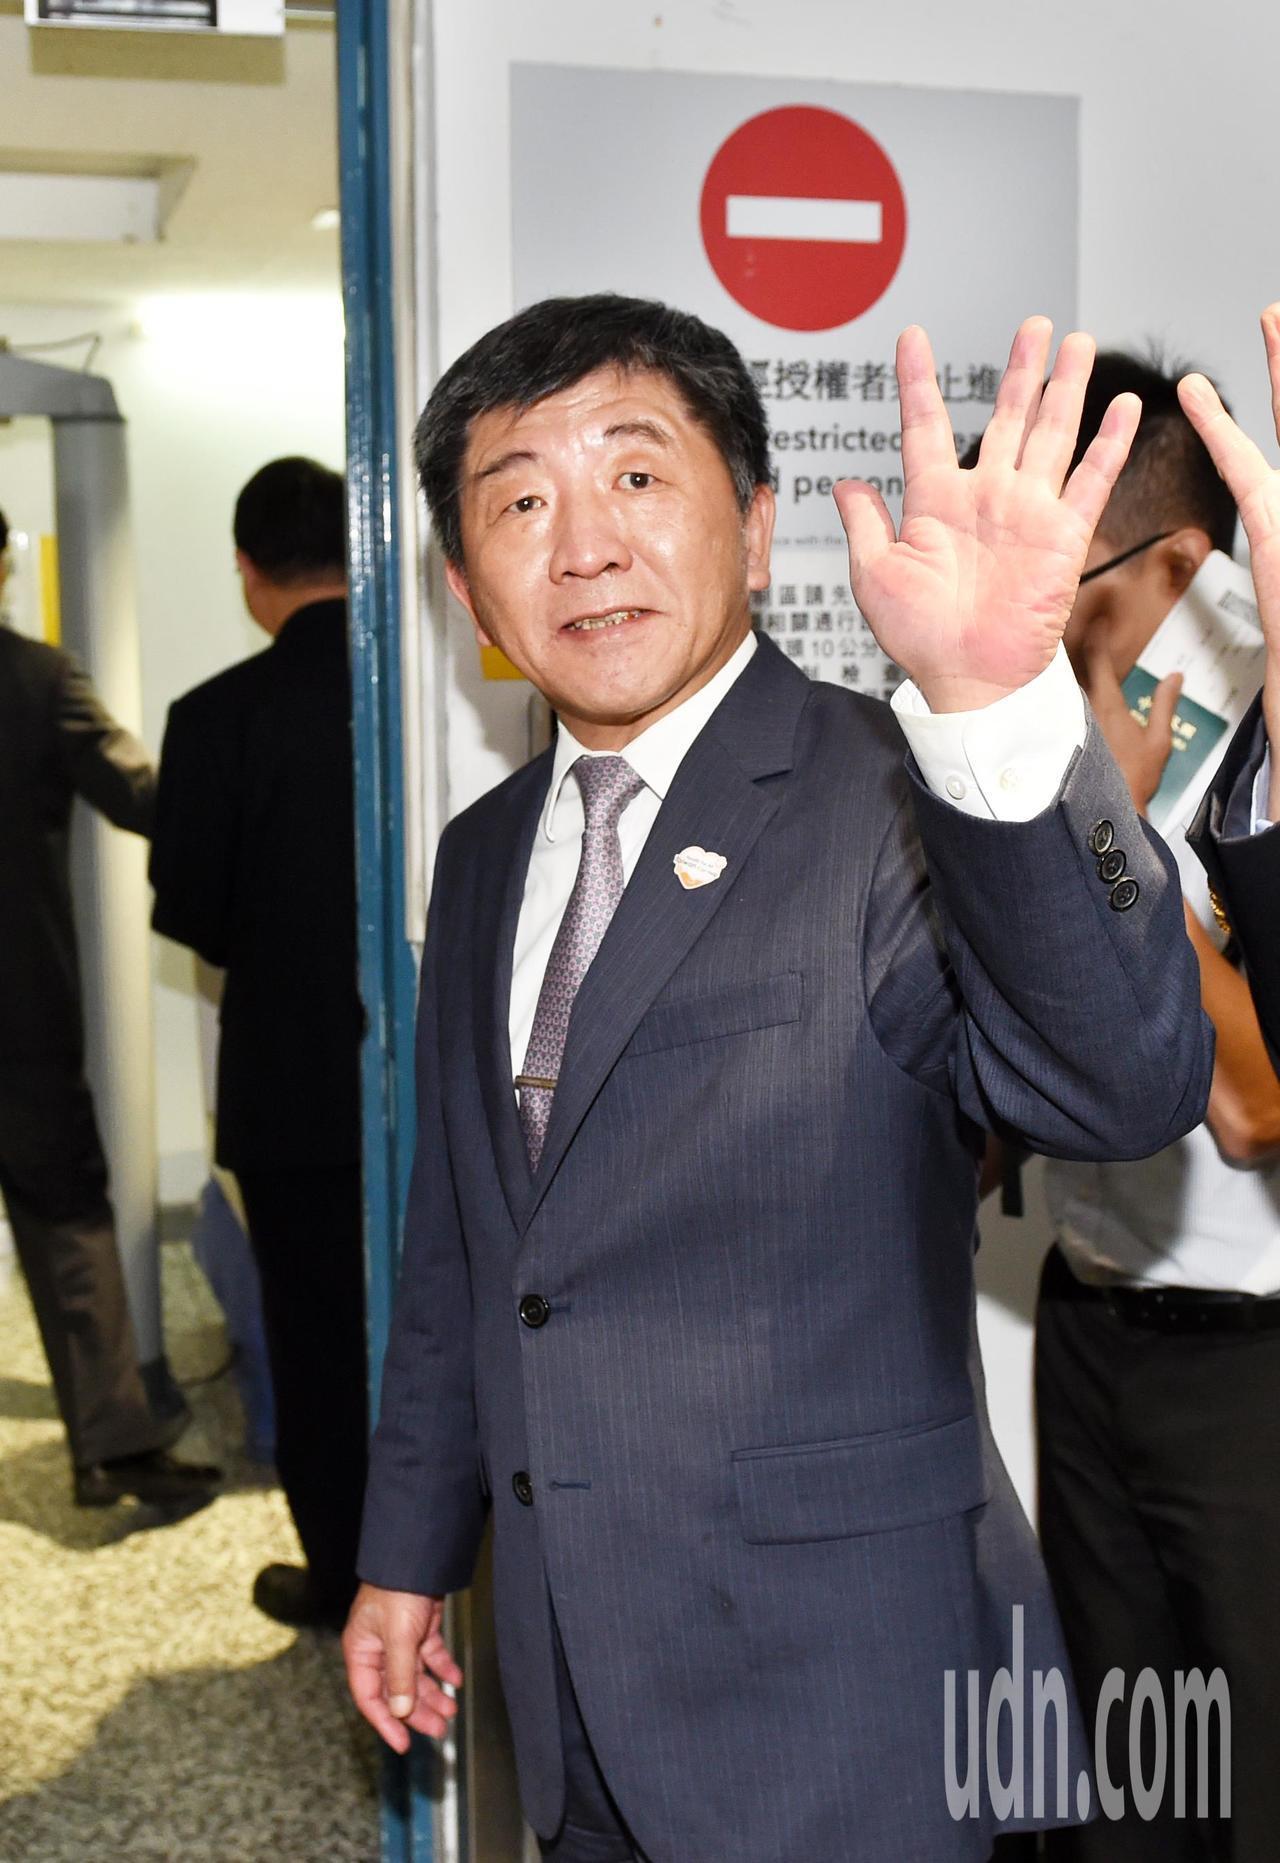 衛生福利部部長陳時中今天清晨從歐洲返台。記者鄭超文/攝影